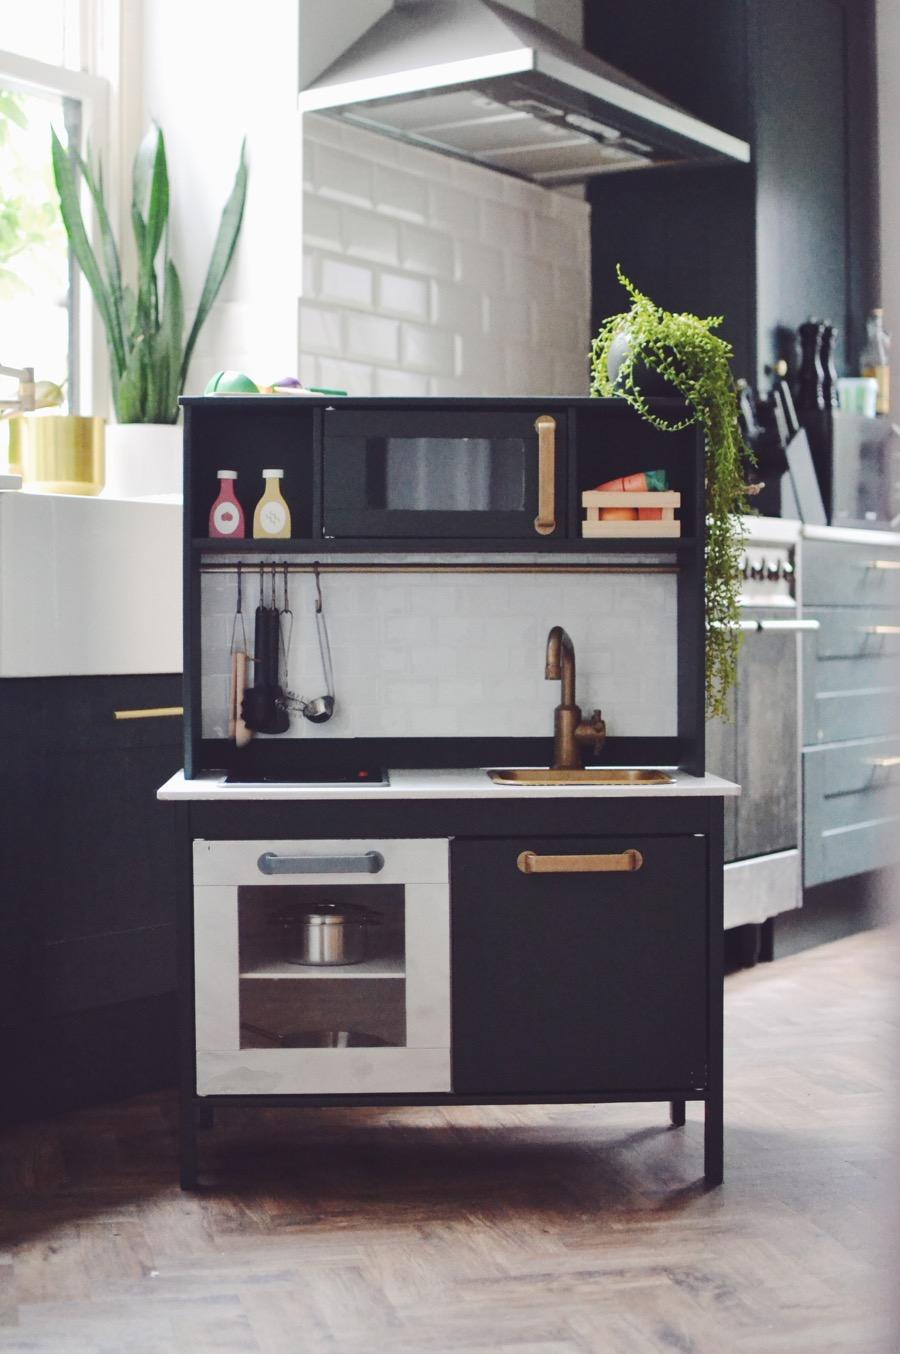 DIY Ikea play kitchen Duktig hack